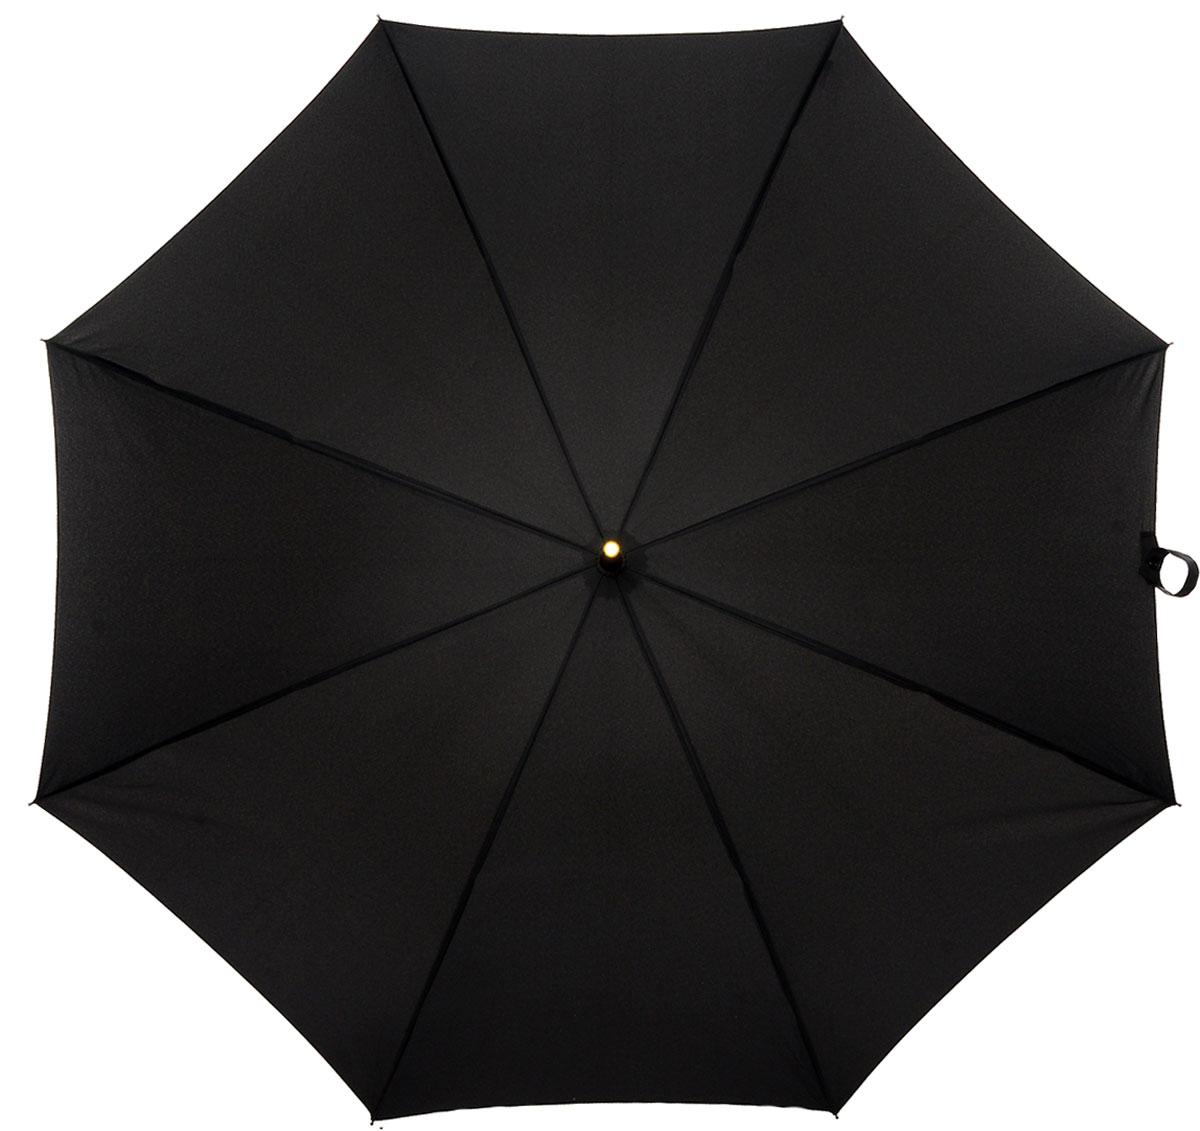 Зонт-трость мужской Fulton, механика, цвет: черный. G801-01REM12-CAM-GREENBLACKЗонт-трость Fulton надежно защитит от непогоды. Купол выполнен из высококачественного полиэстера, который не пропускает воду.Каркас зонта, выполненный из прочного металла, состоит из восьми спиц. Зонт имеет механический тип сложения: открывается и закрывается вручную до характерного щелчка. Удобная ручка изогнутой формы выполнена из натуральной кожи.